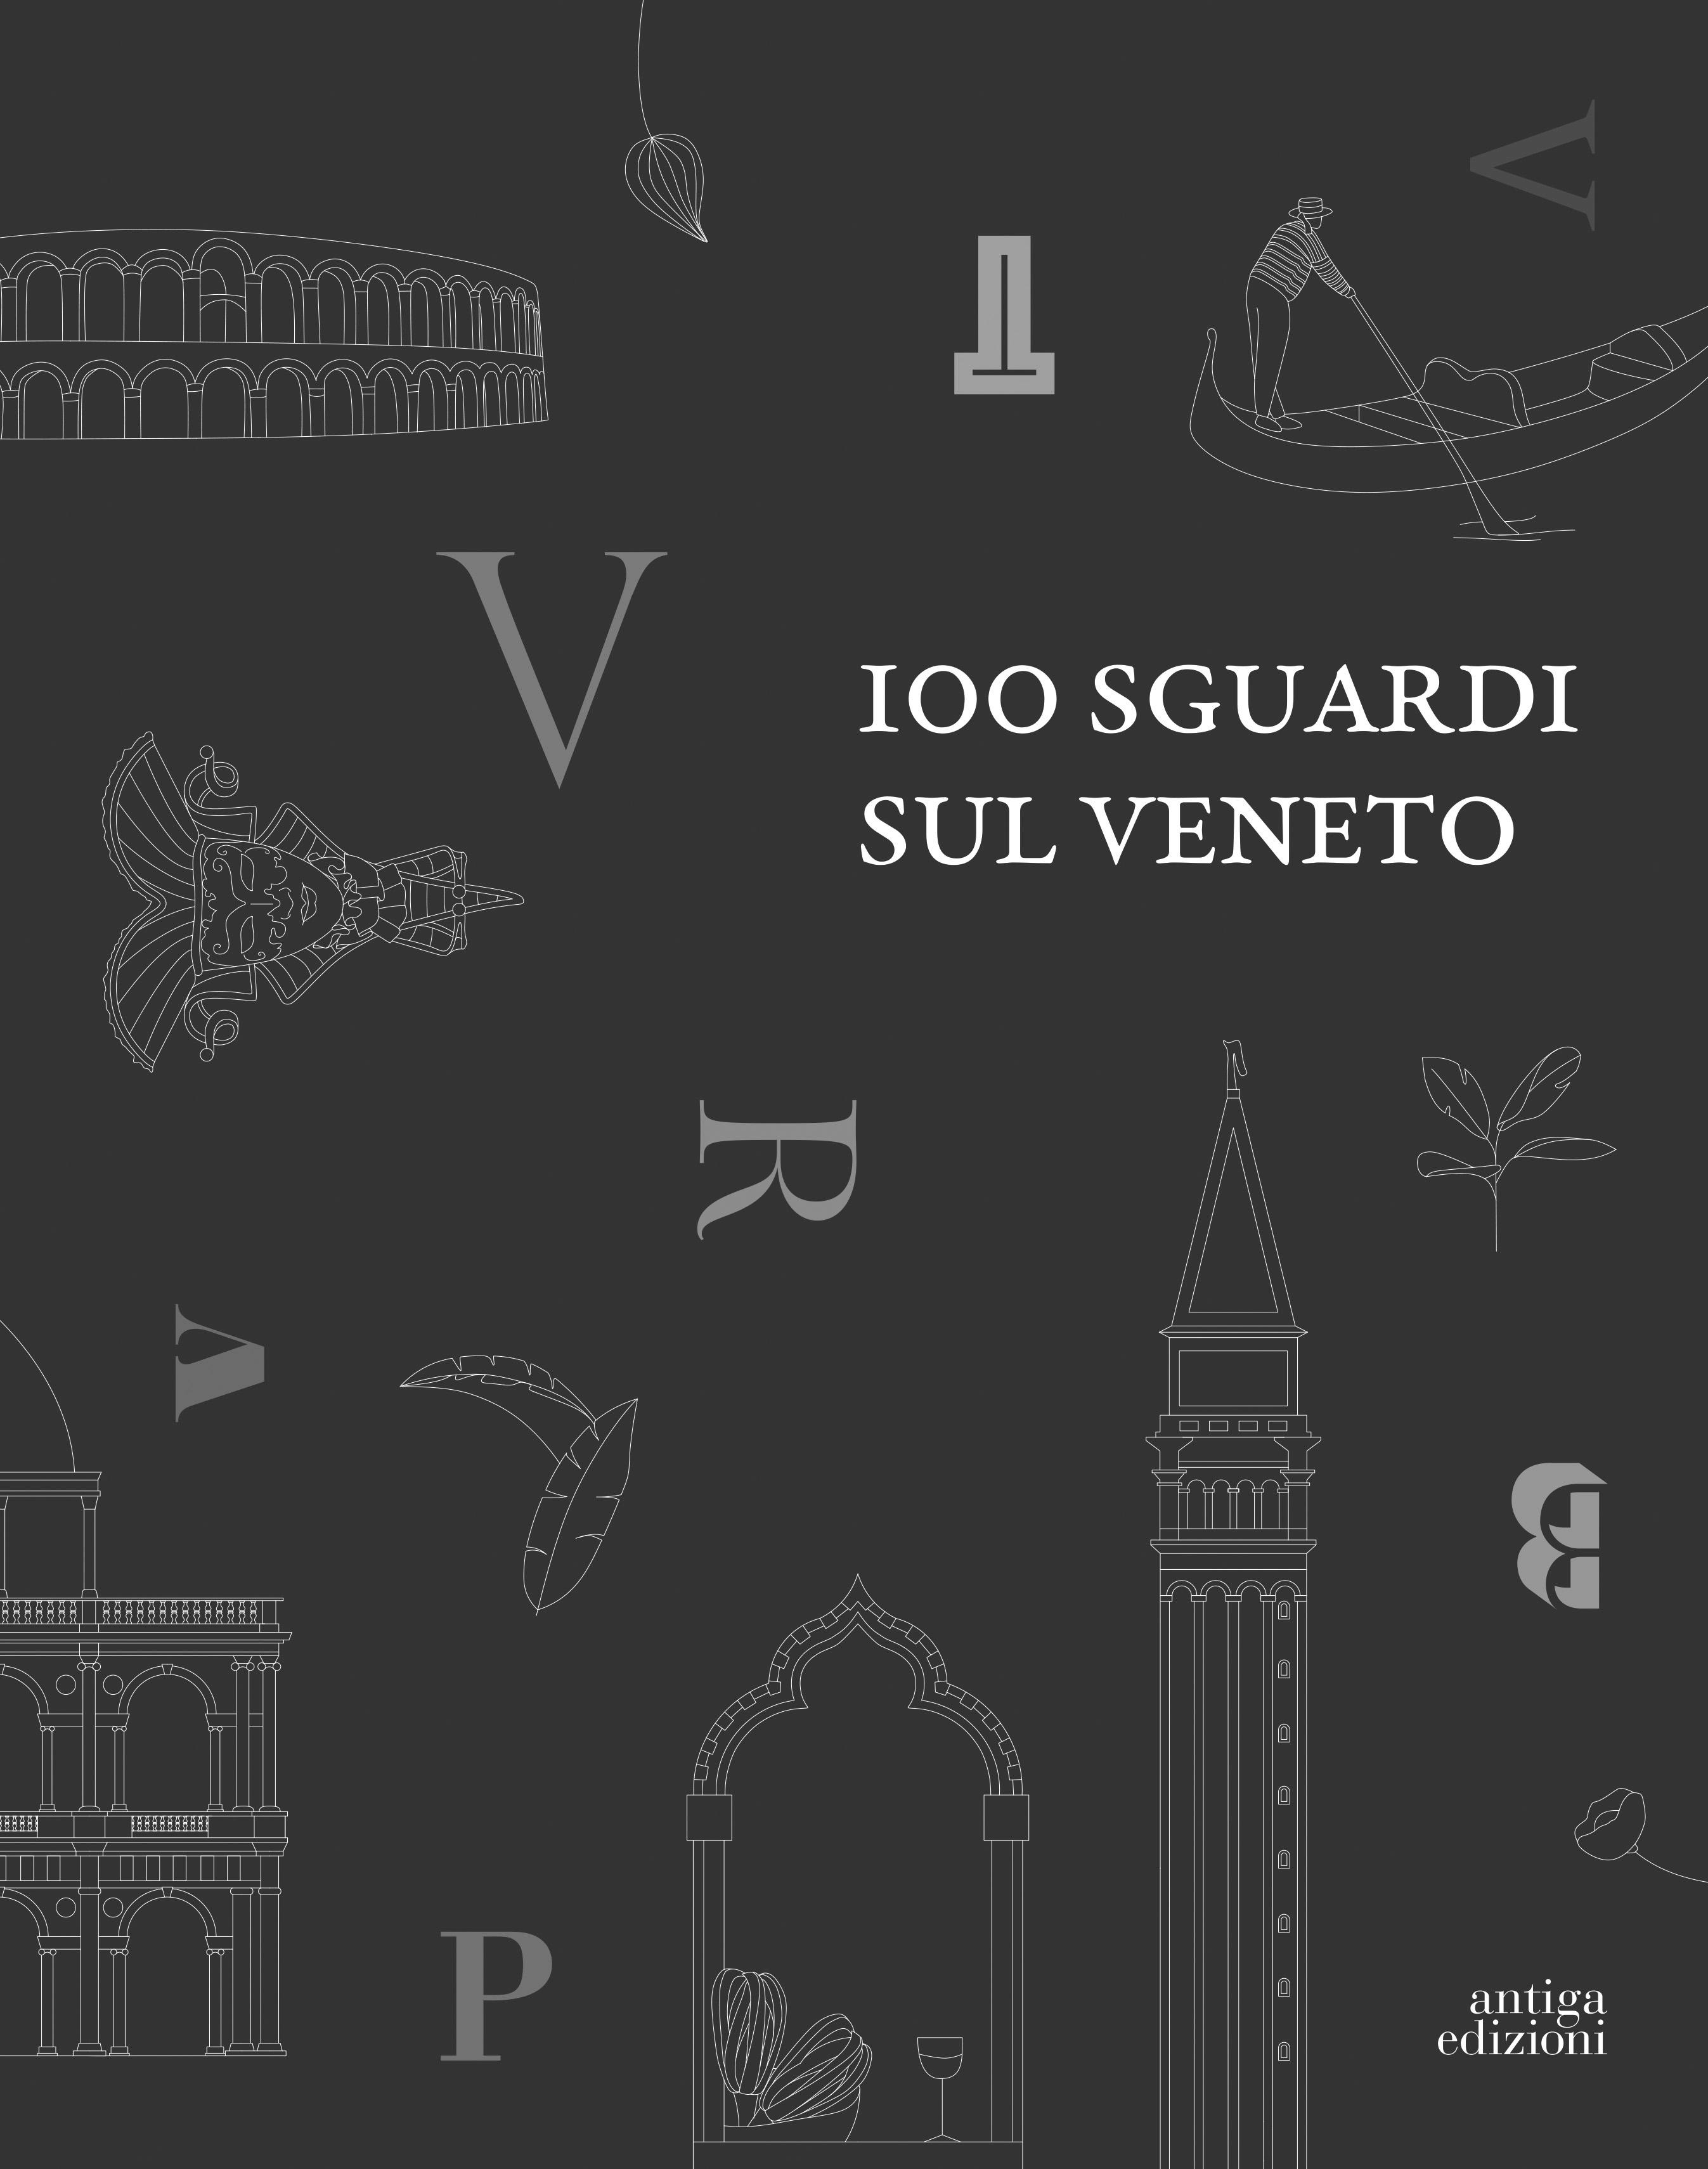 100_sguardi_cover_ITA _SIMULAZIONE